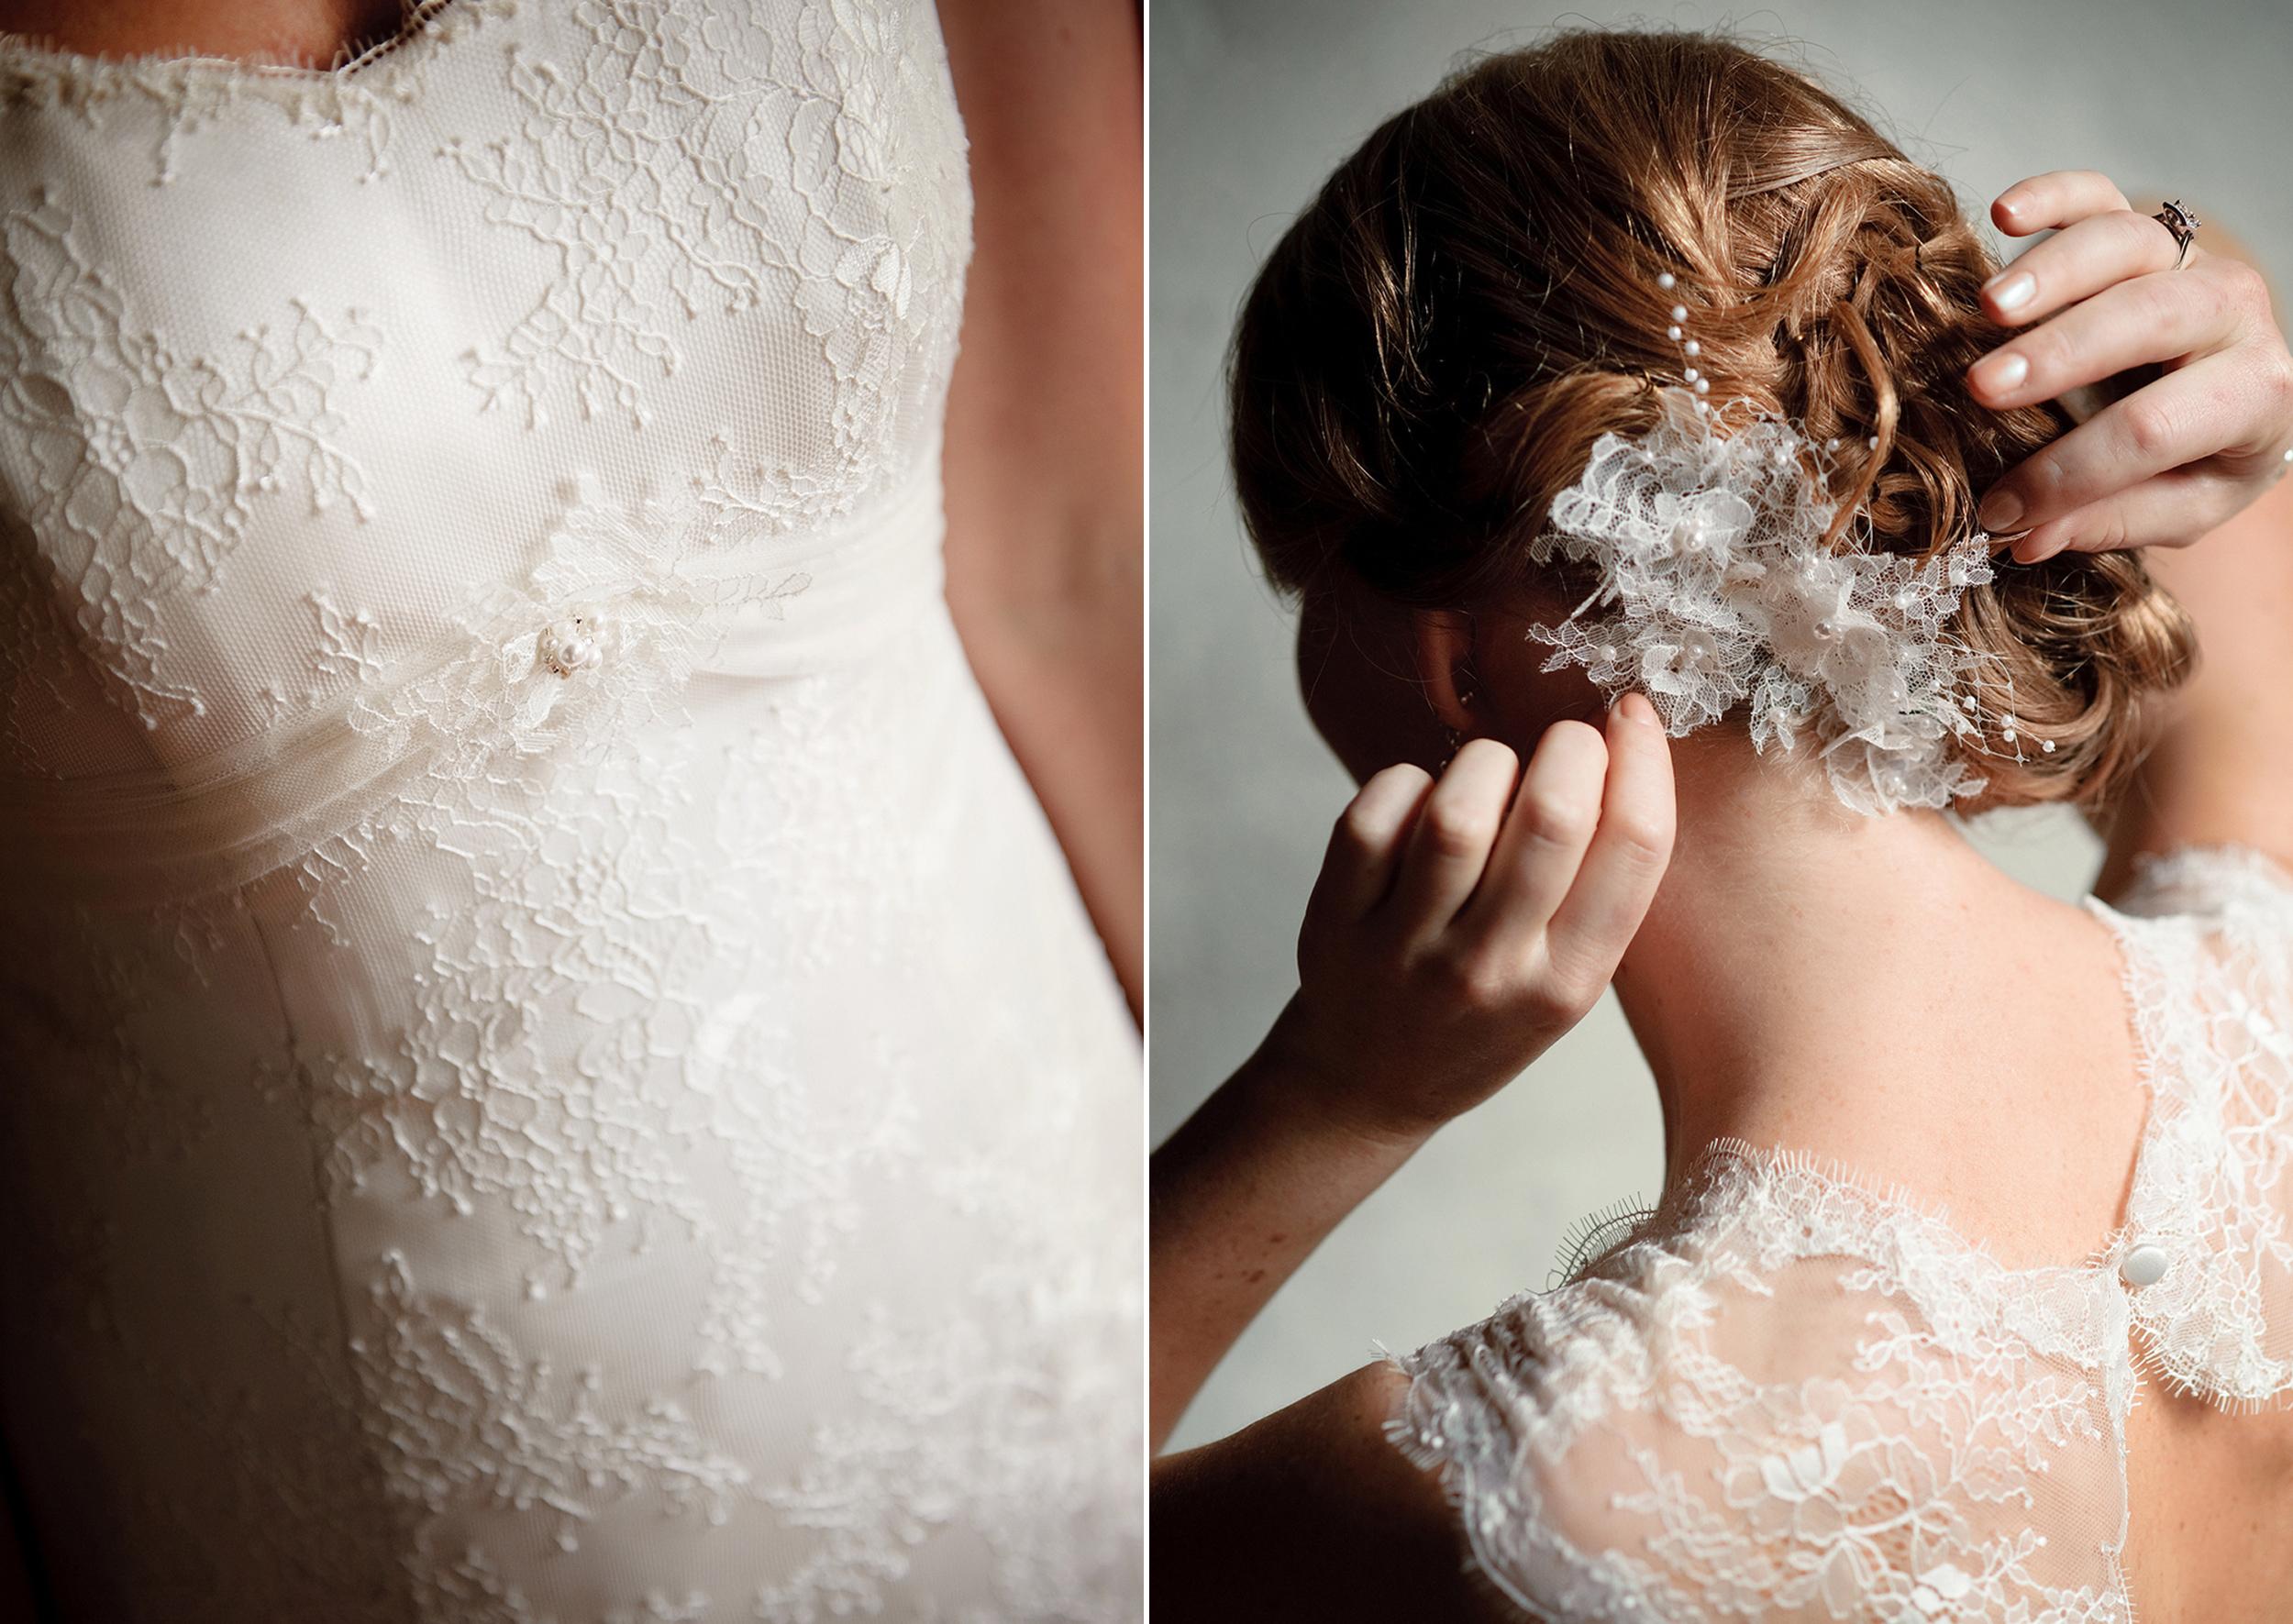 euroa_butter_factory_wedding_photography_55.jpg